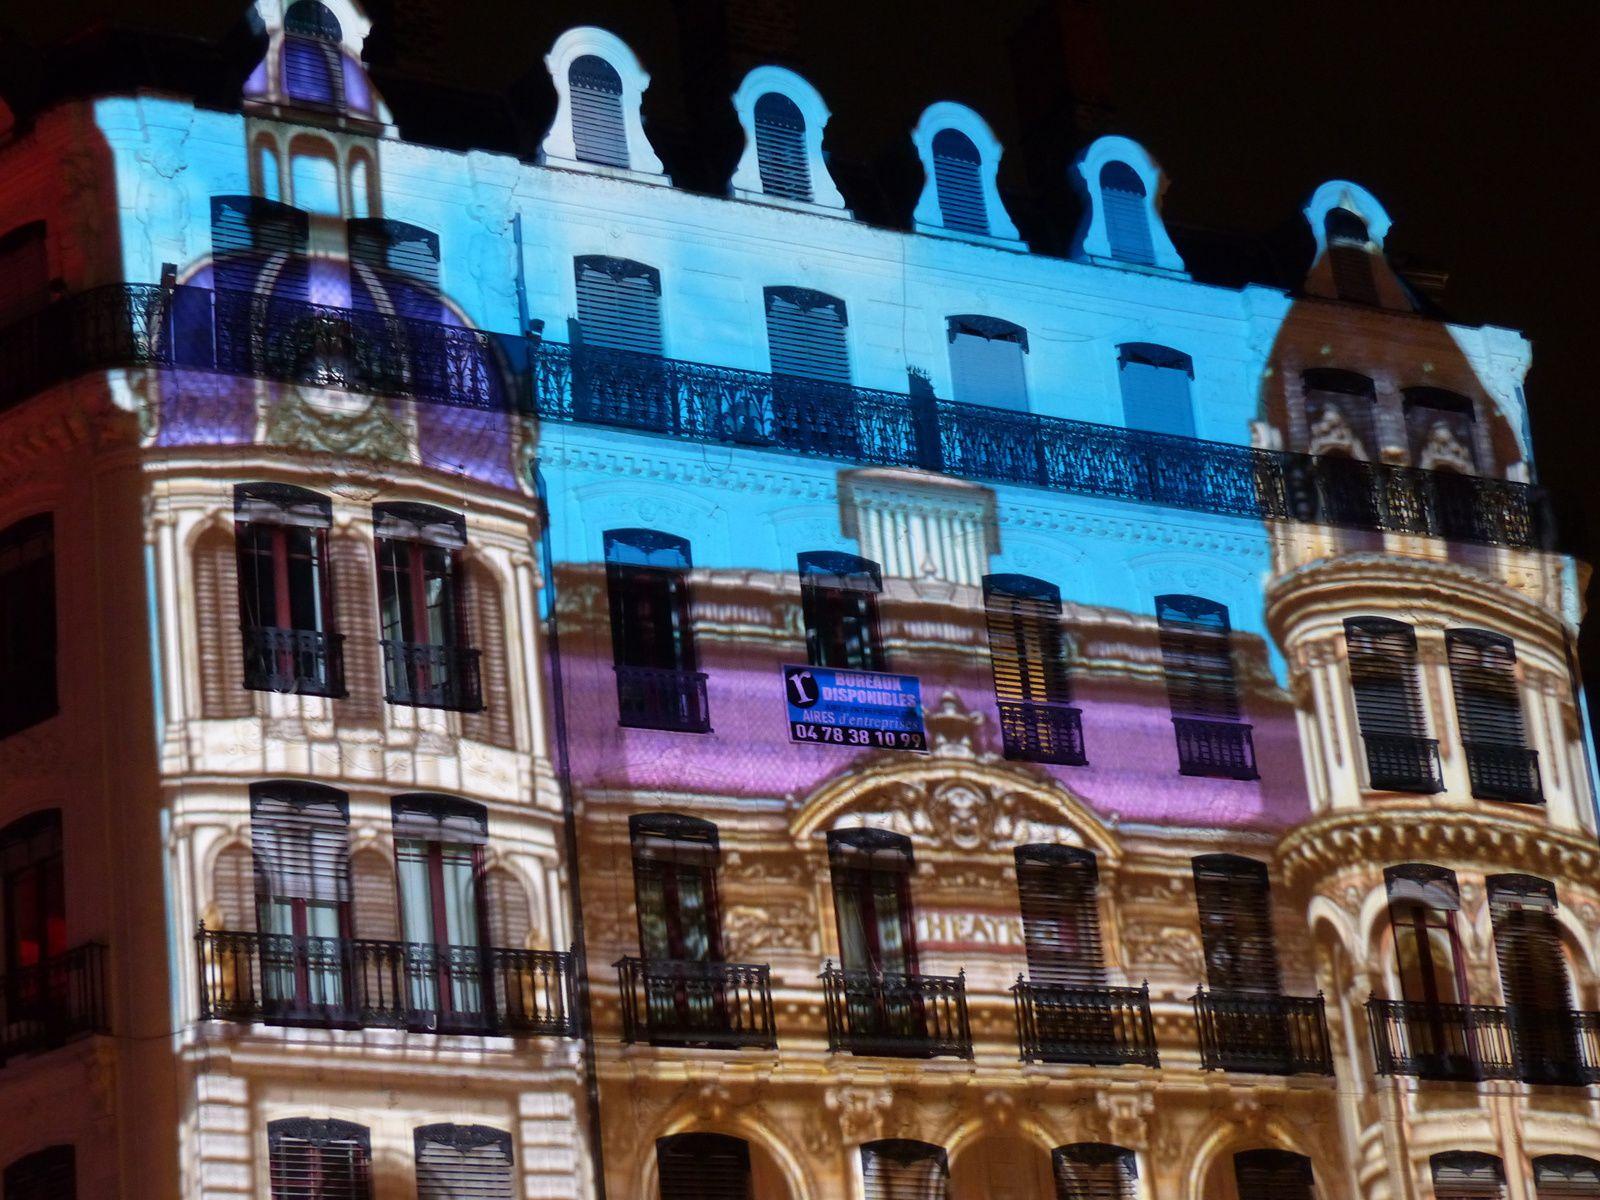 fête des lumières à Lyon (6,7,8 décembre 2014) au hasard des promenades....